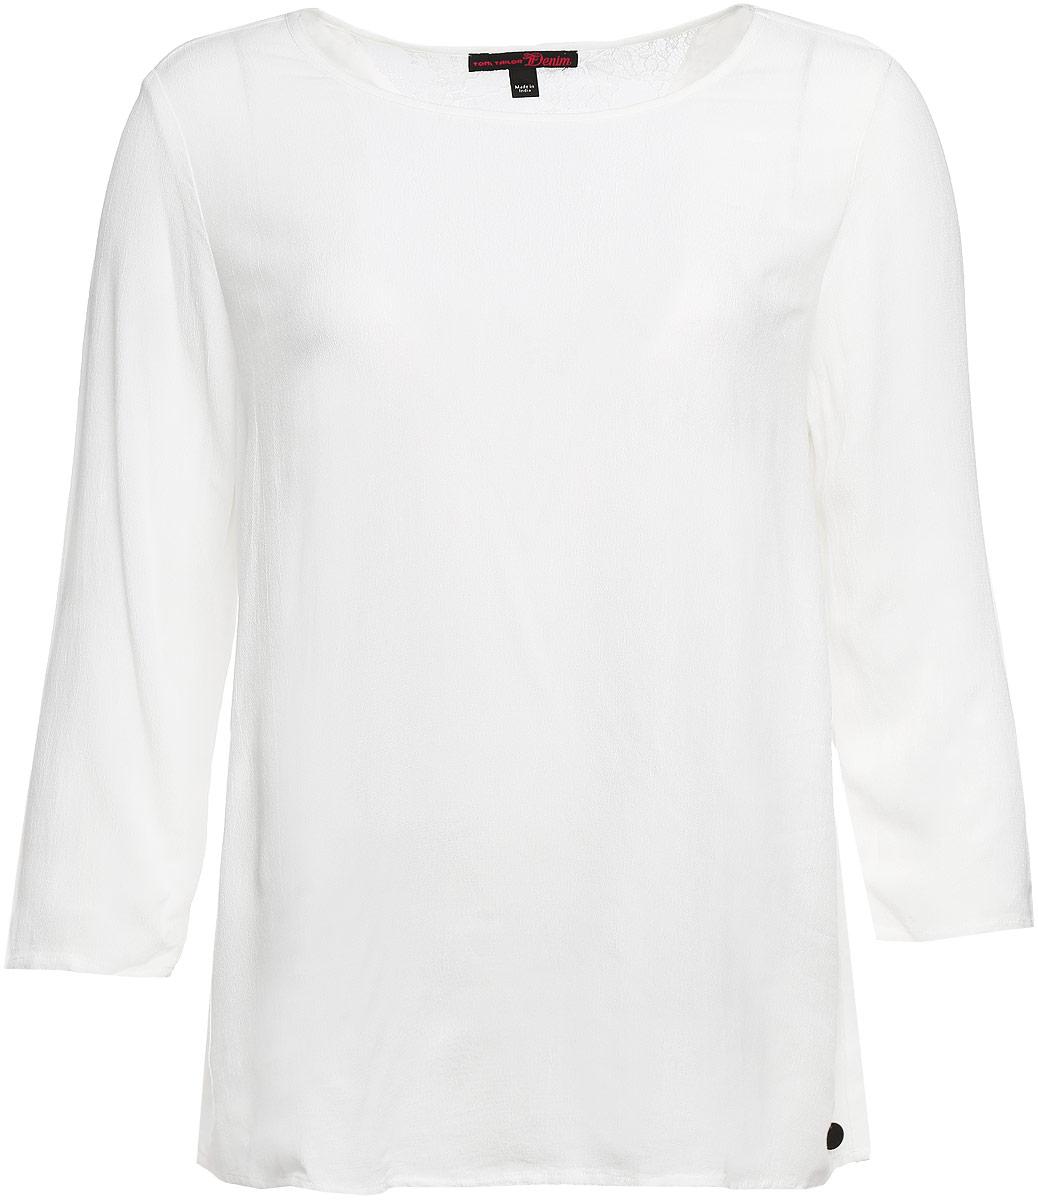 Блузка женская Tom Tailor Denim, цвет: белый. 2032753.00.71_8005. Размер L (48)2032753.00.71_8005Блузка Tom Tailor Denim выполнена из вискозы. Модель с круглым вырезом горловины и стандартными длинными рукавами, на спинке модель декорирована кружевной V-образной вставкой из полиамида. Низ дополнен металлической пластиной с логотипом бренда.